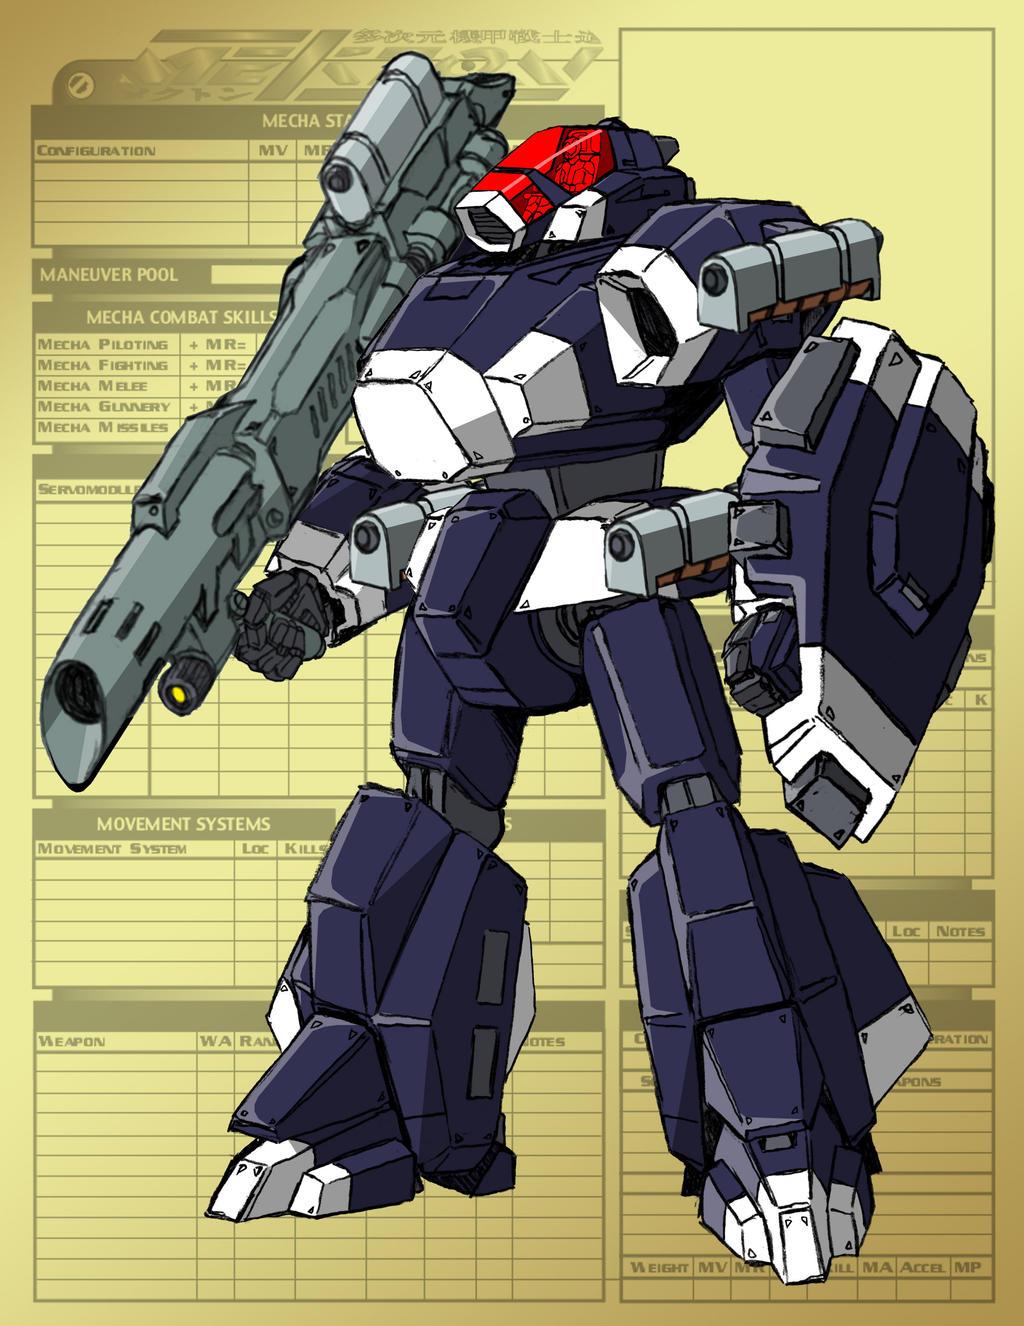 IMK-05 Rampage (full gear) by Grebo-Guru